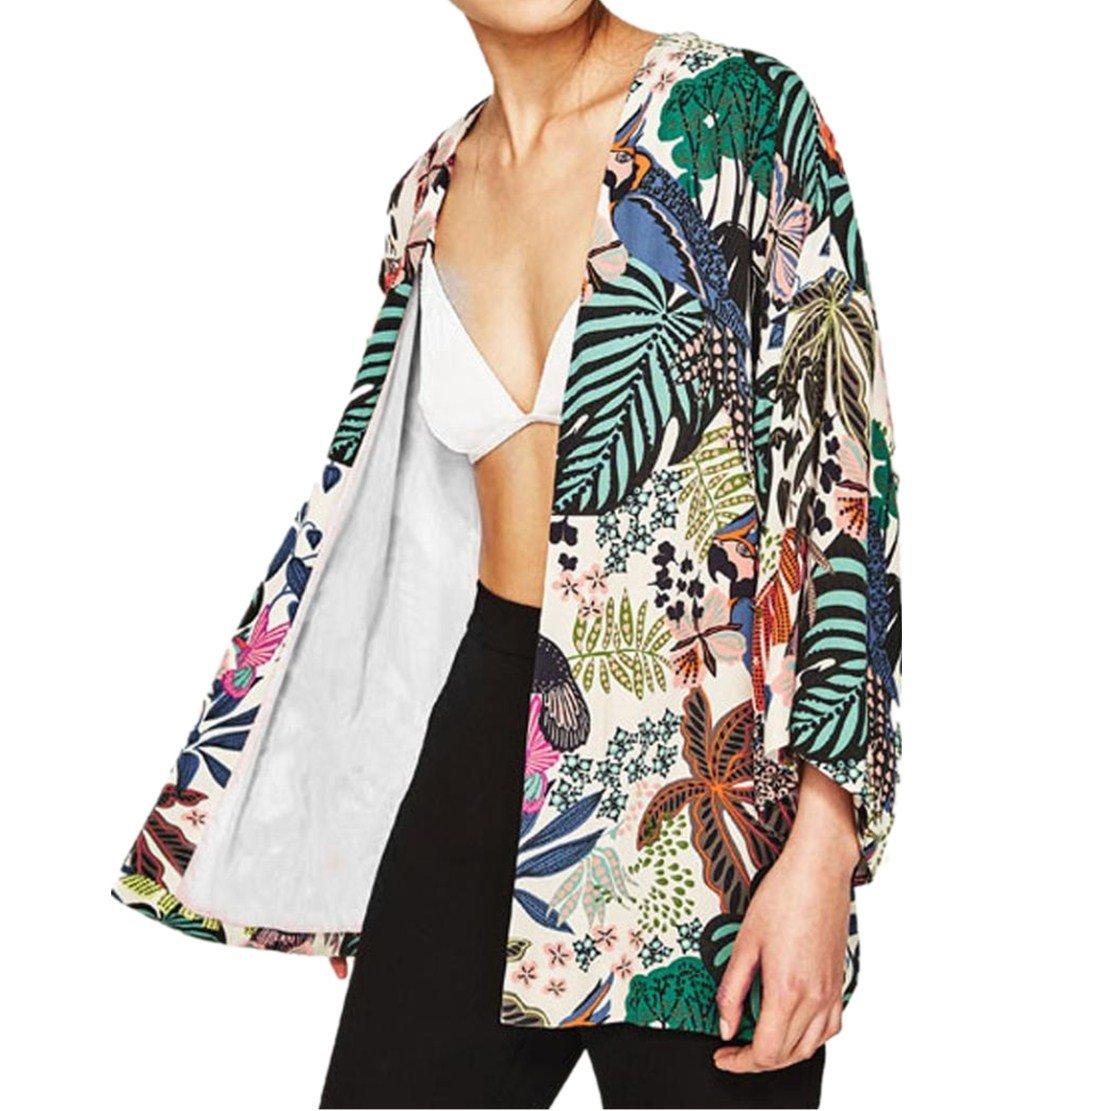 Reaso Gilet Femmes Kimono Châle Casual Blouse Tunique Shawl Manches 3/4 Ete Bikini Cover Up Cardigan Veste Imprimé Floral Manteau Mousseline de soie Floral En vrac Outwear de Plage Reaso-Chemisiers